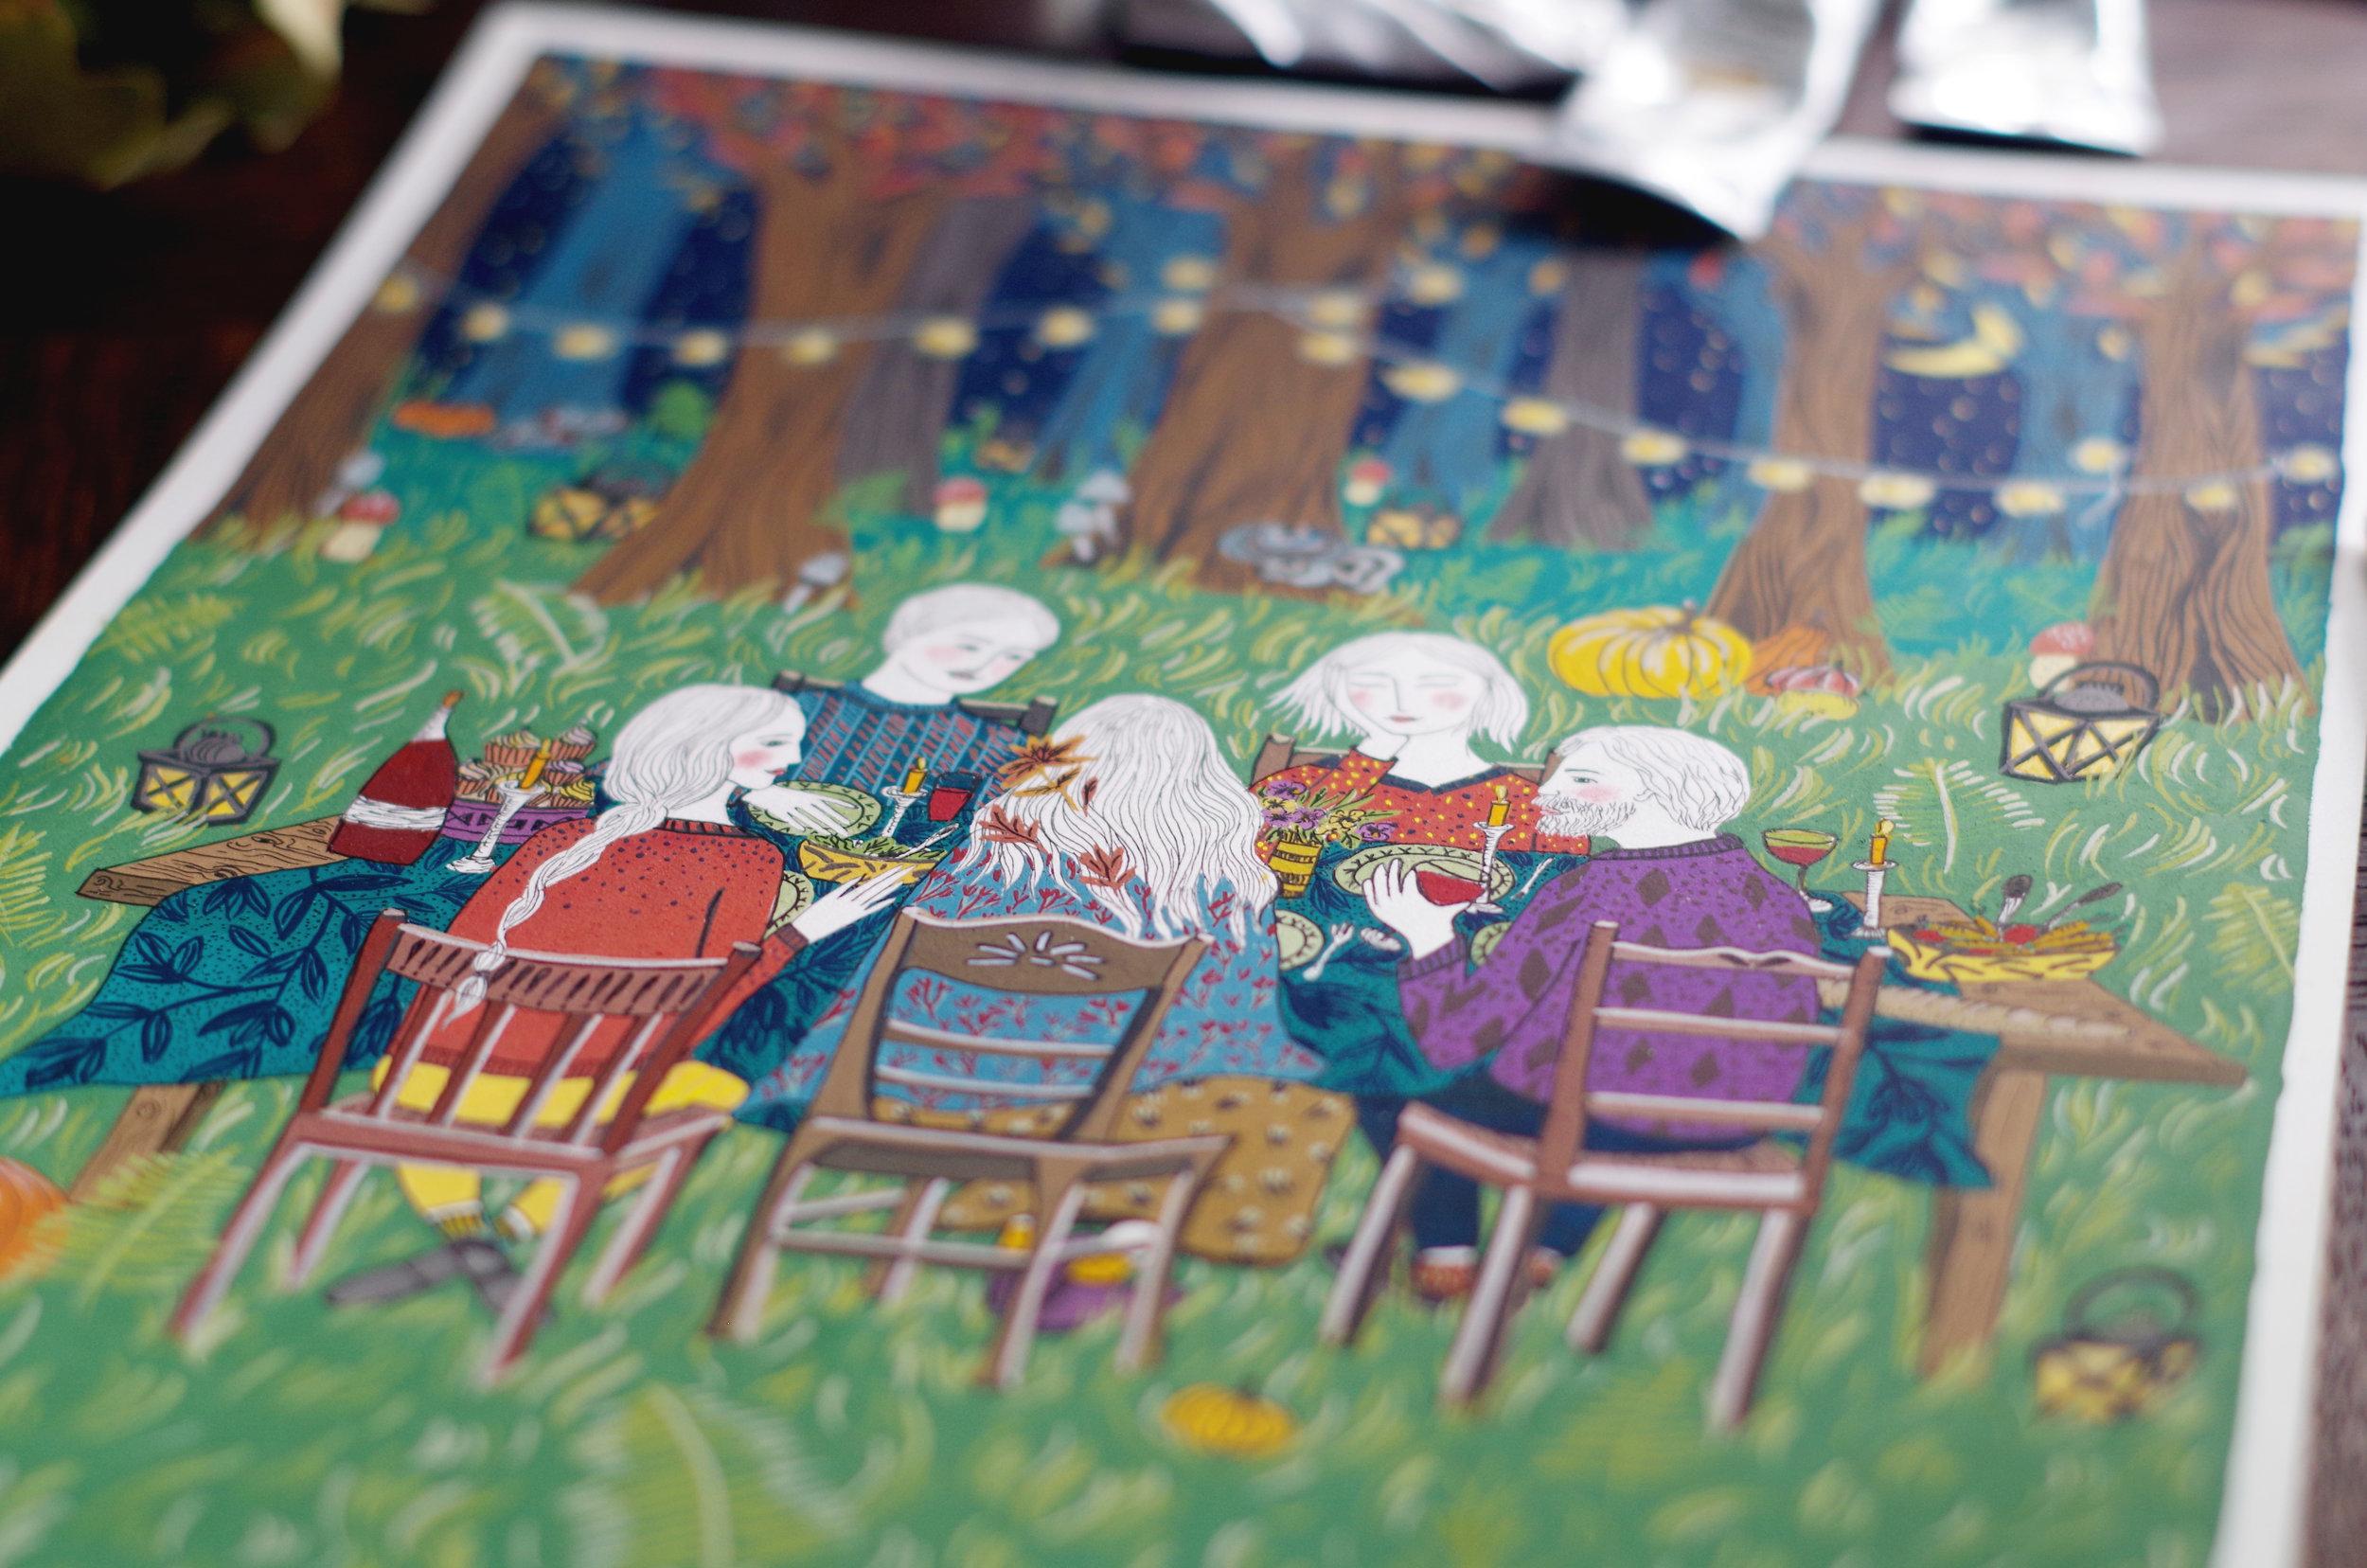 5autumnfeast_illustration_janina_bourosu.jpg